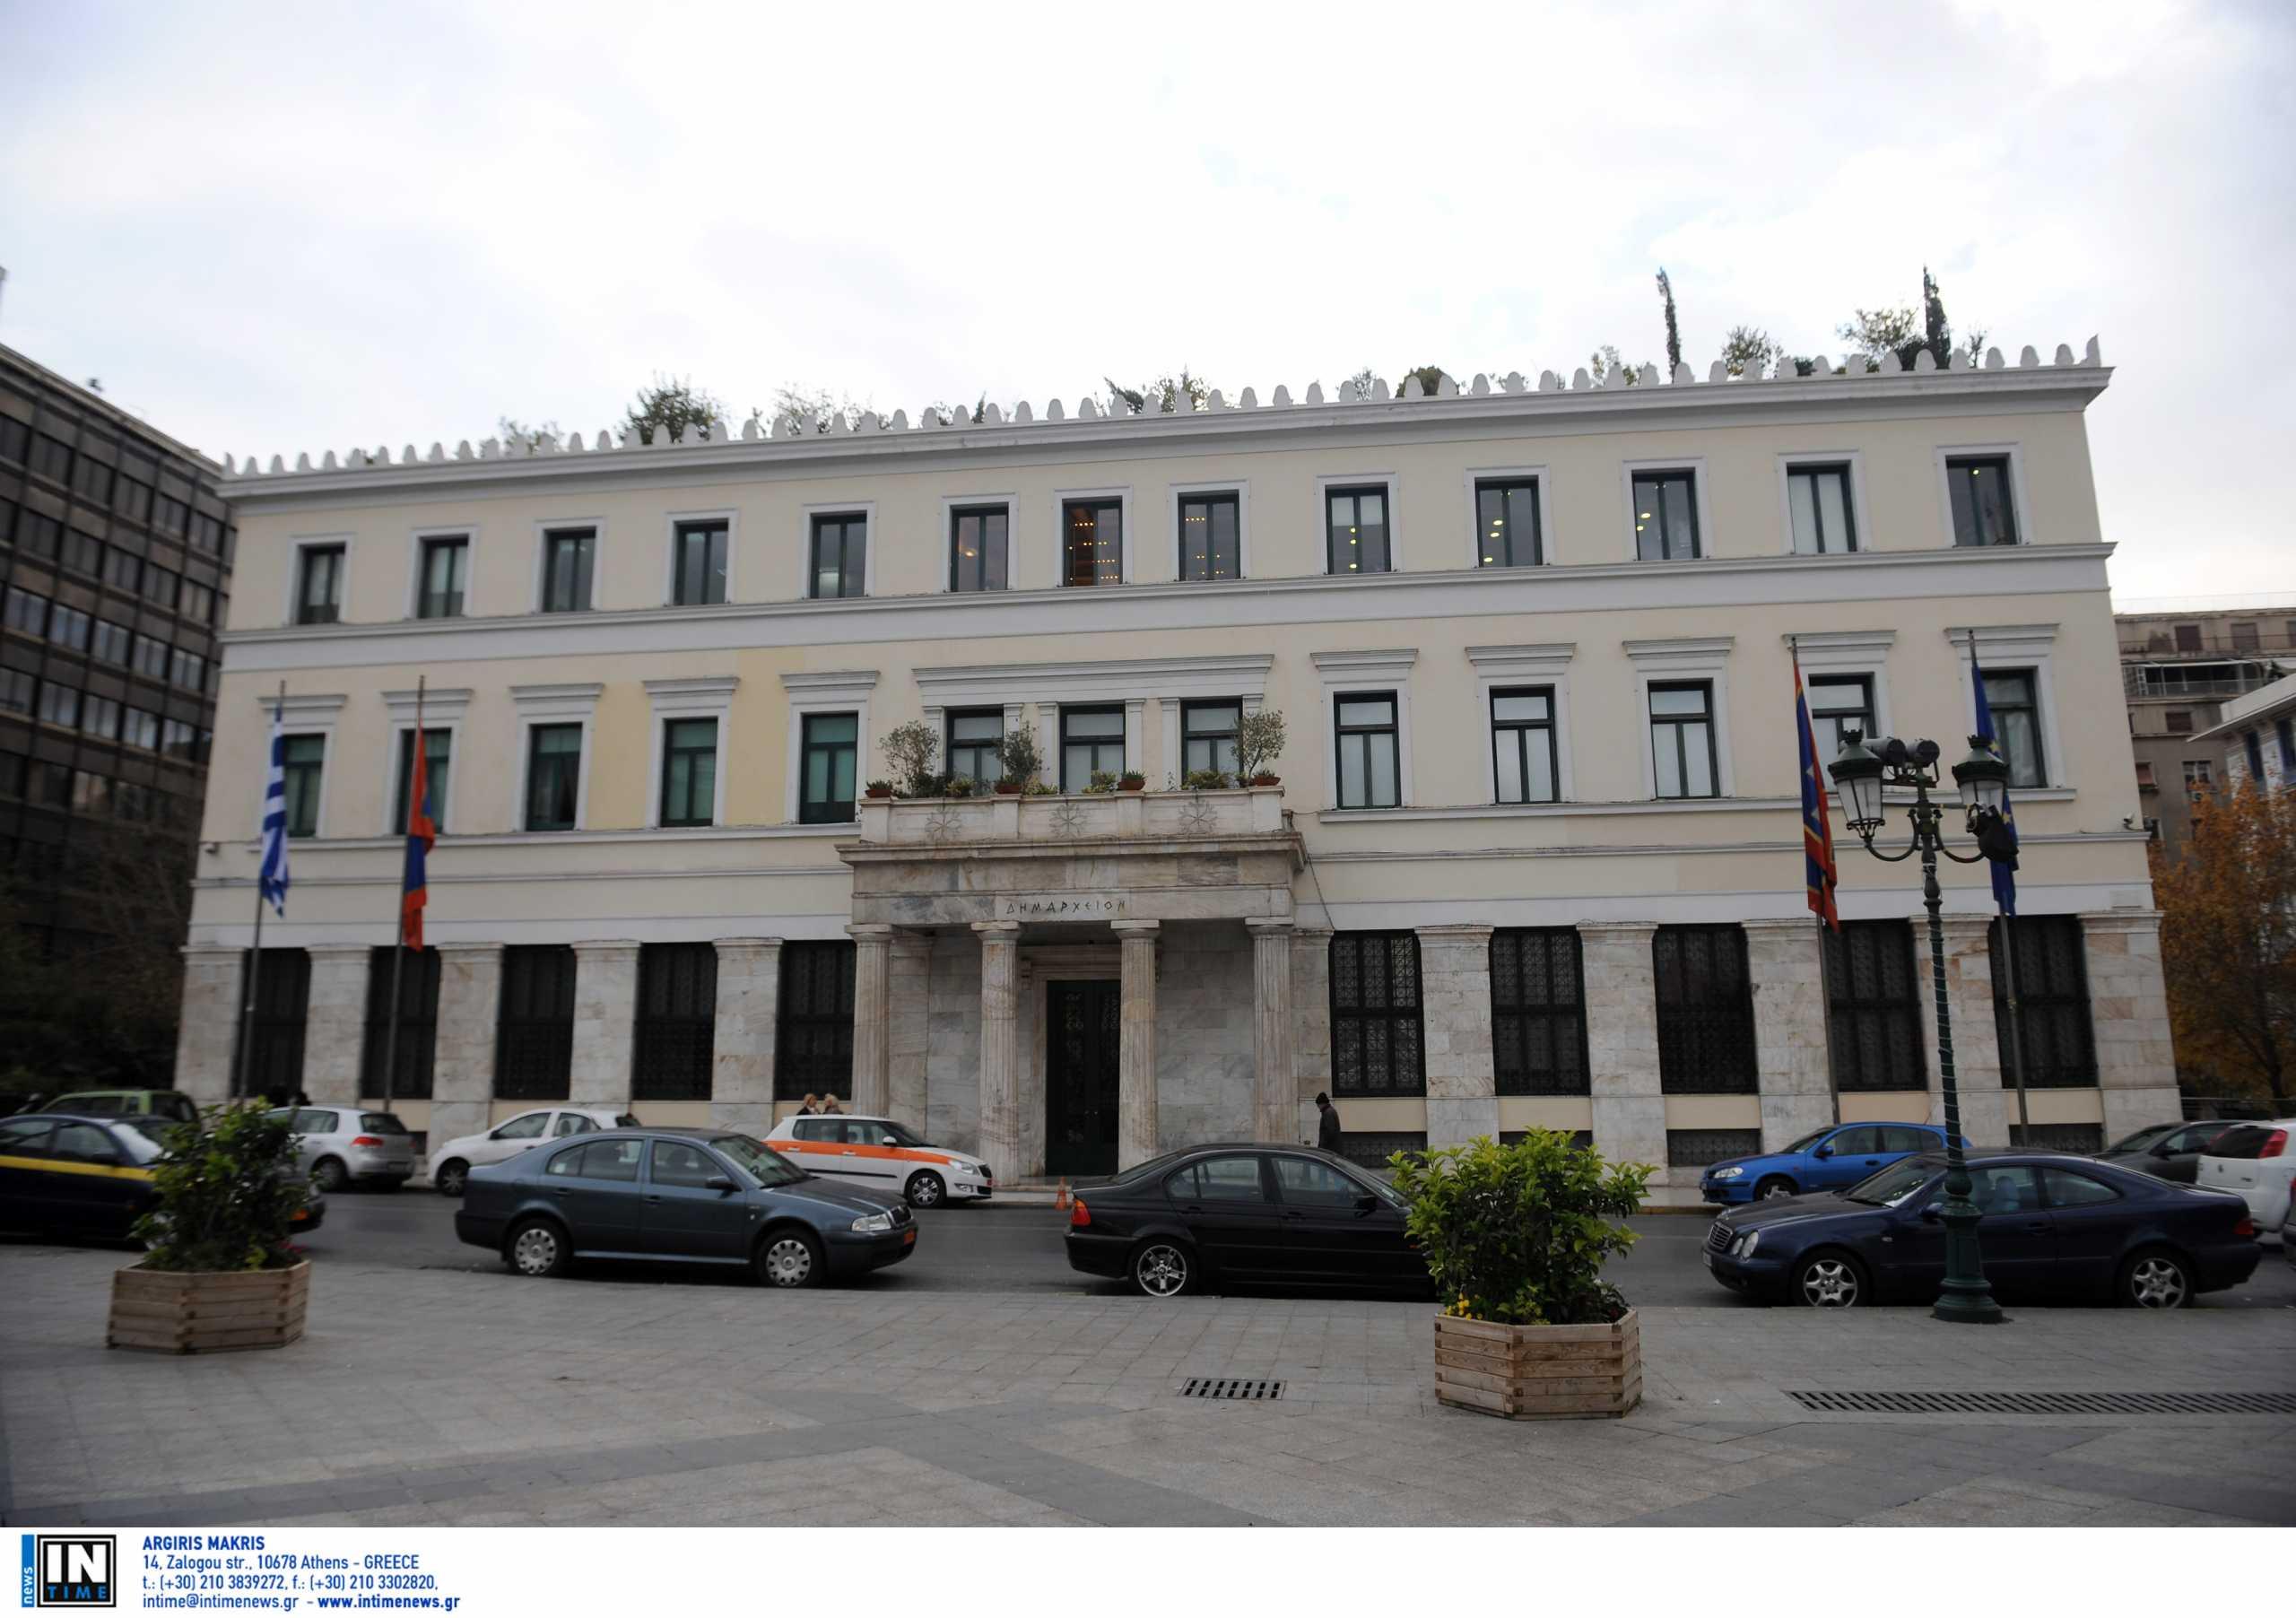 Δήμος Αθηναίων: Συνάντηση Μπακογιάννη – Γερουλάνου για καταπολέμηση της σεξουαλικής παρενόχλησης